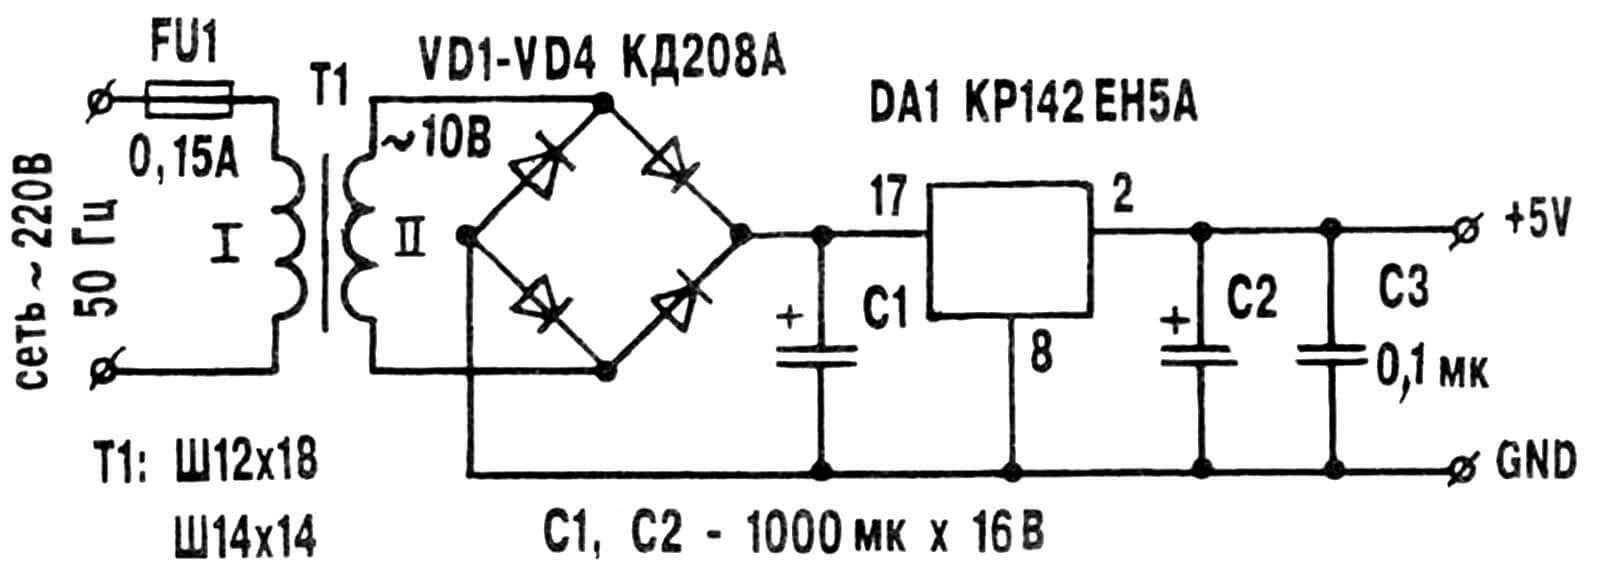 Рис. 1. Электрическая схема блока питания.